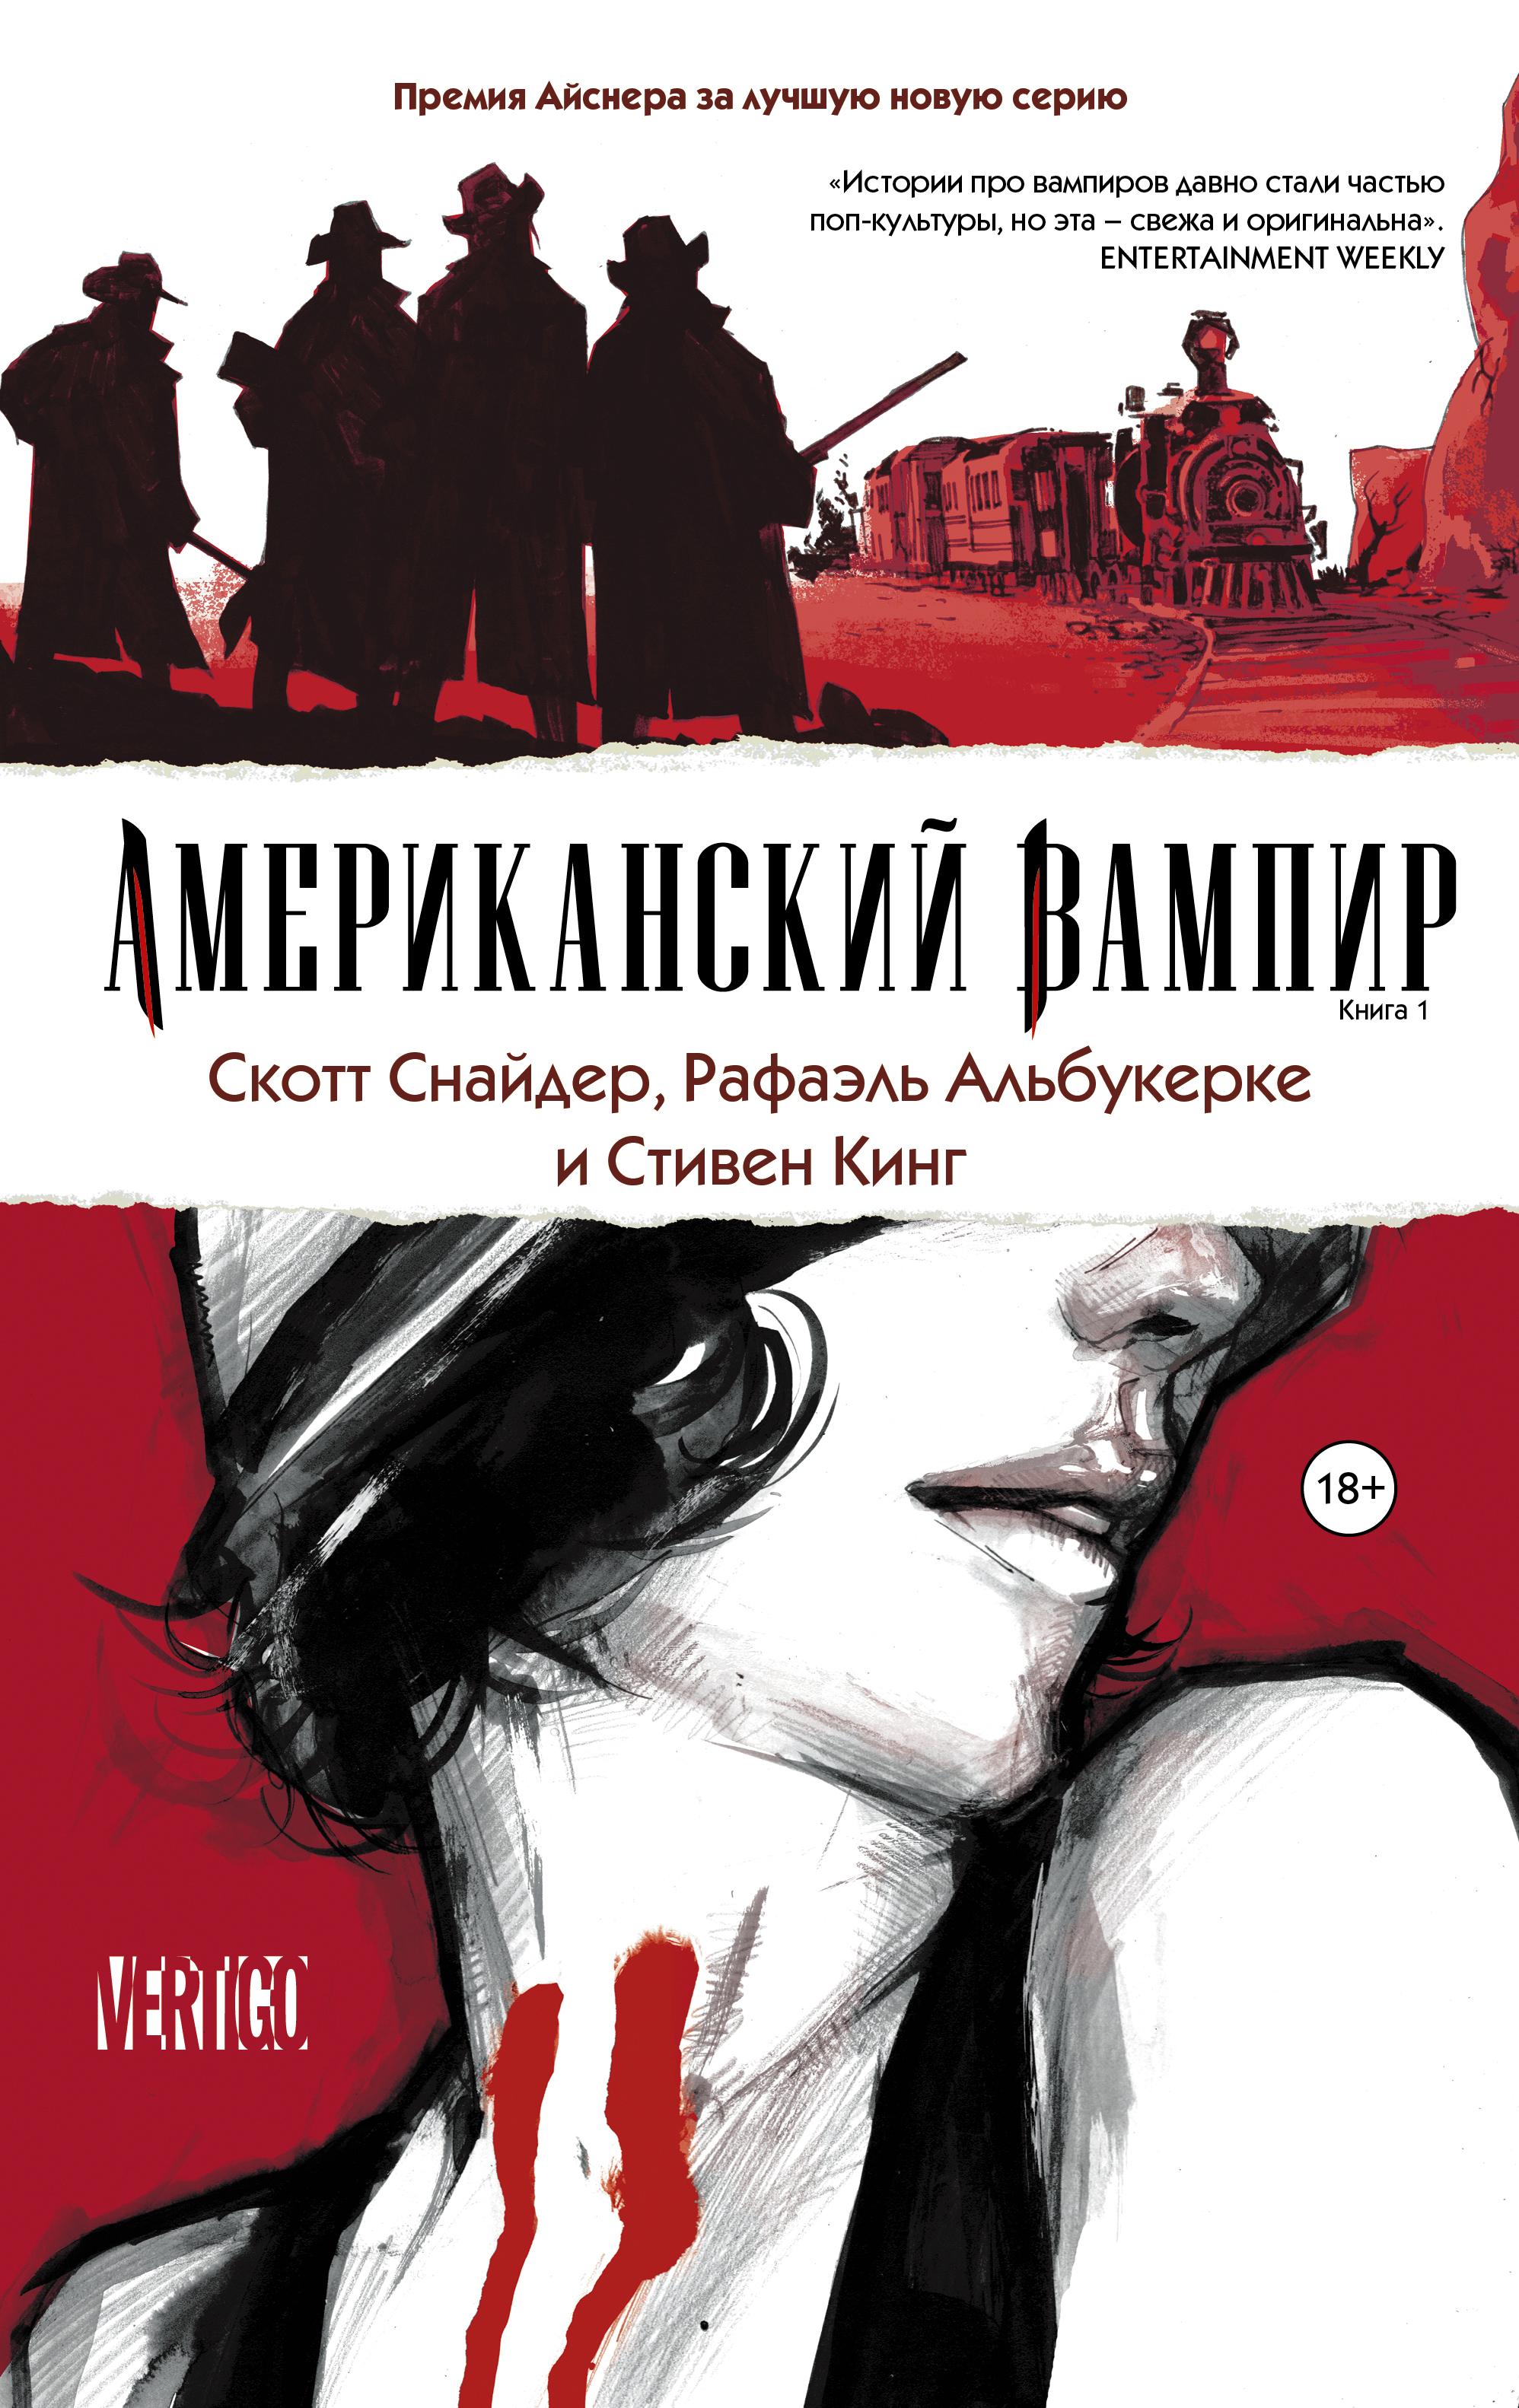 Кинг С. Американский вампир. Книга 1